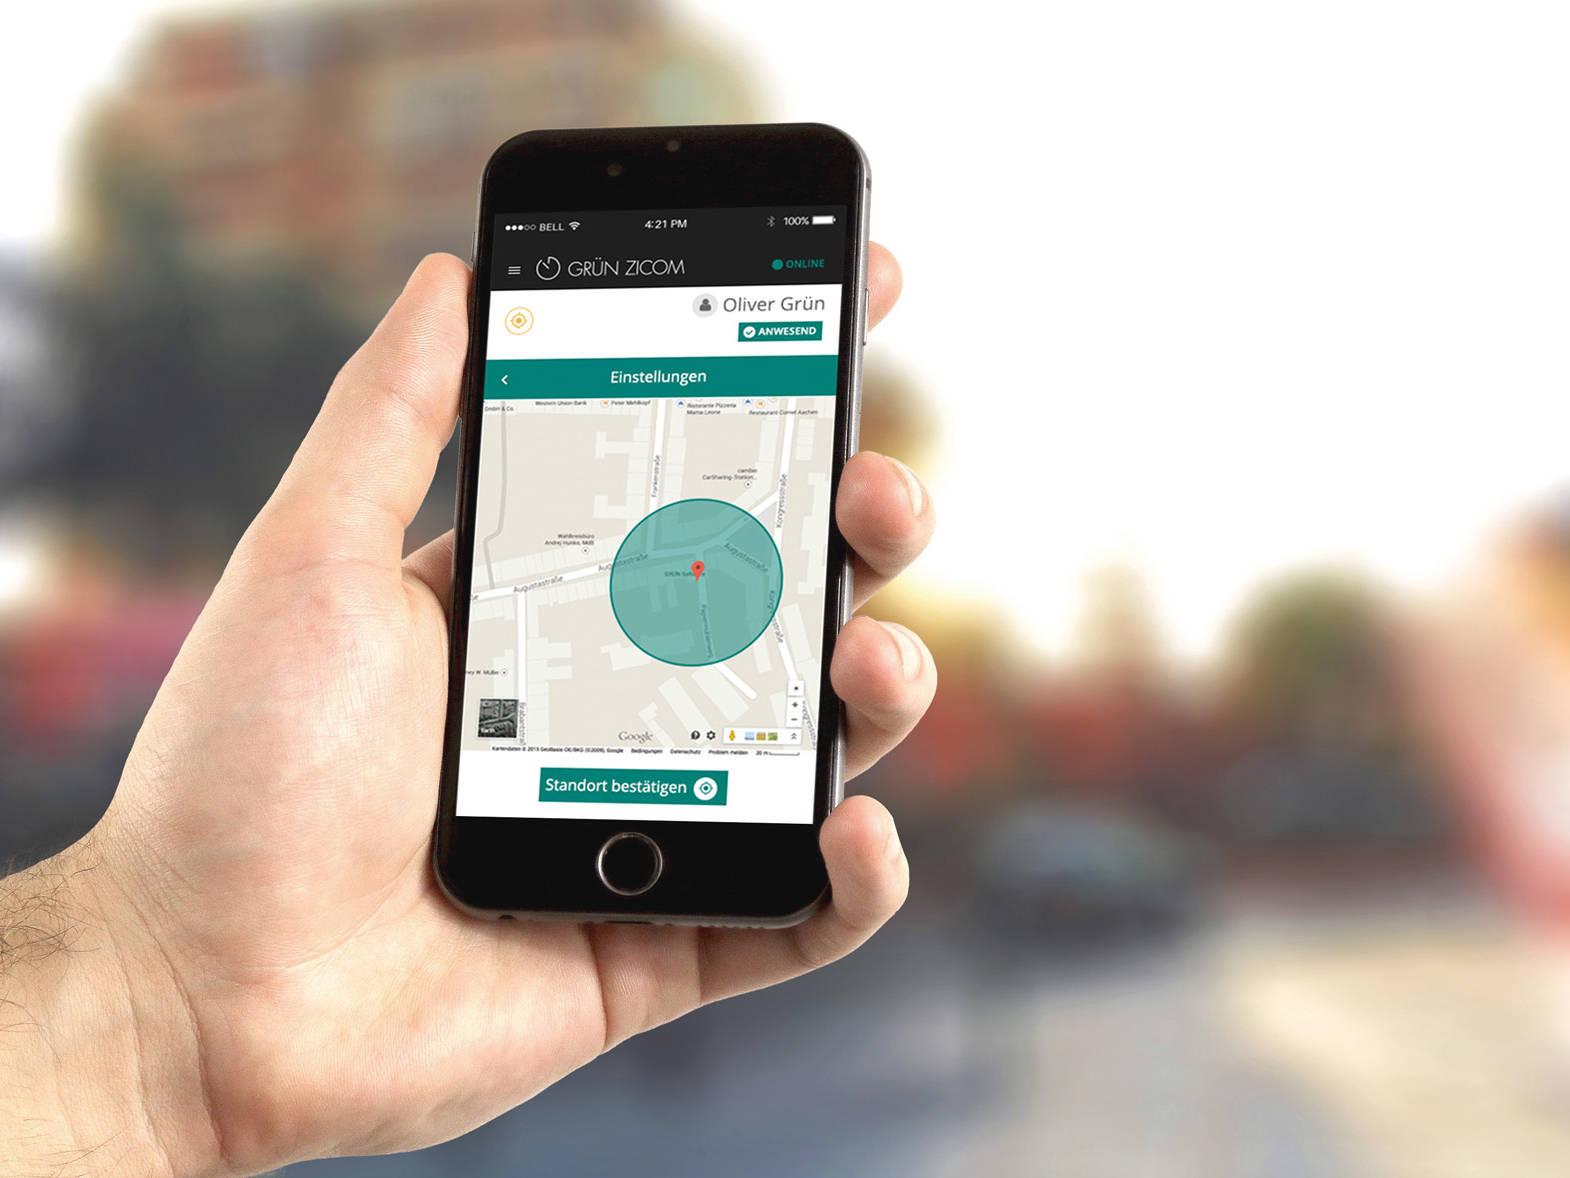 GRÜN mZICOM: Vollautomatische Zeiterfassung über die native Smartphone-App.